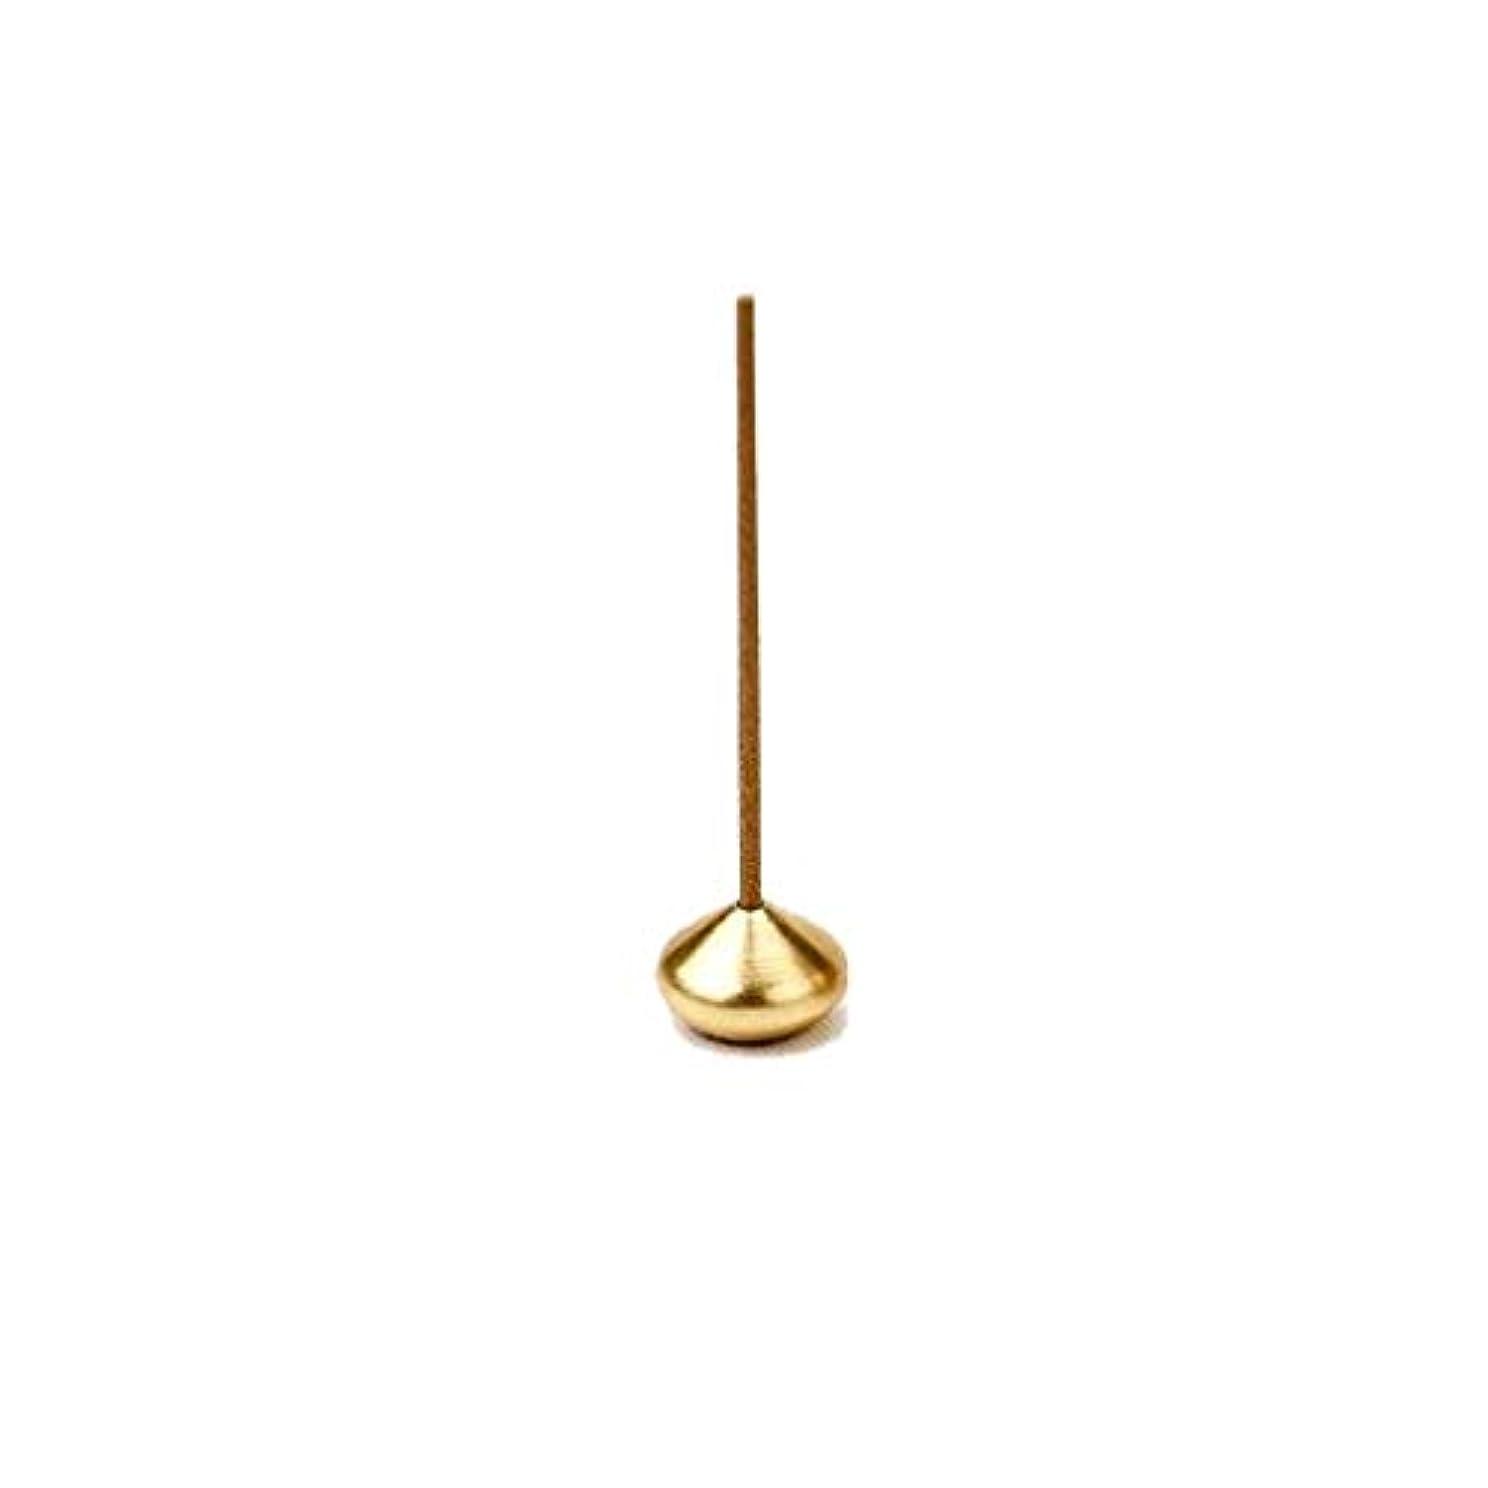 リハーサル酸度電話銅香炉ラウンドひょうたん型香スティックコイルボトルバーナーホルダー多孔性香ホルダーホームフレグランス (Color : B)